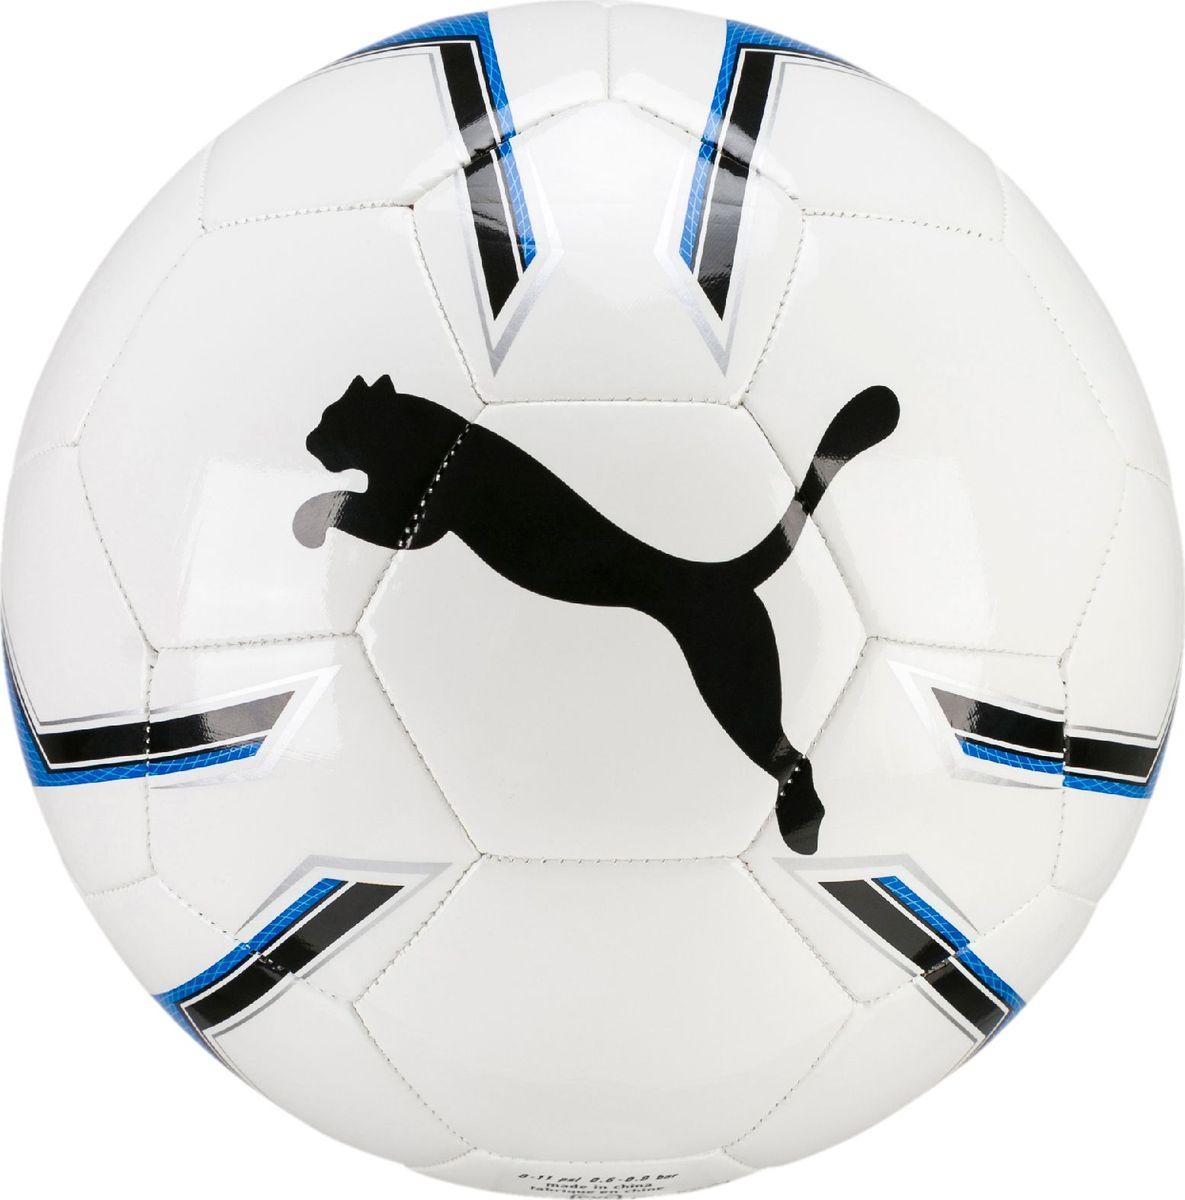 купить Мяч футбольный Puma Pro Training 2 MS Ball, 08281902, белый, размер 5 по цене 1117 рублей